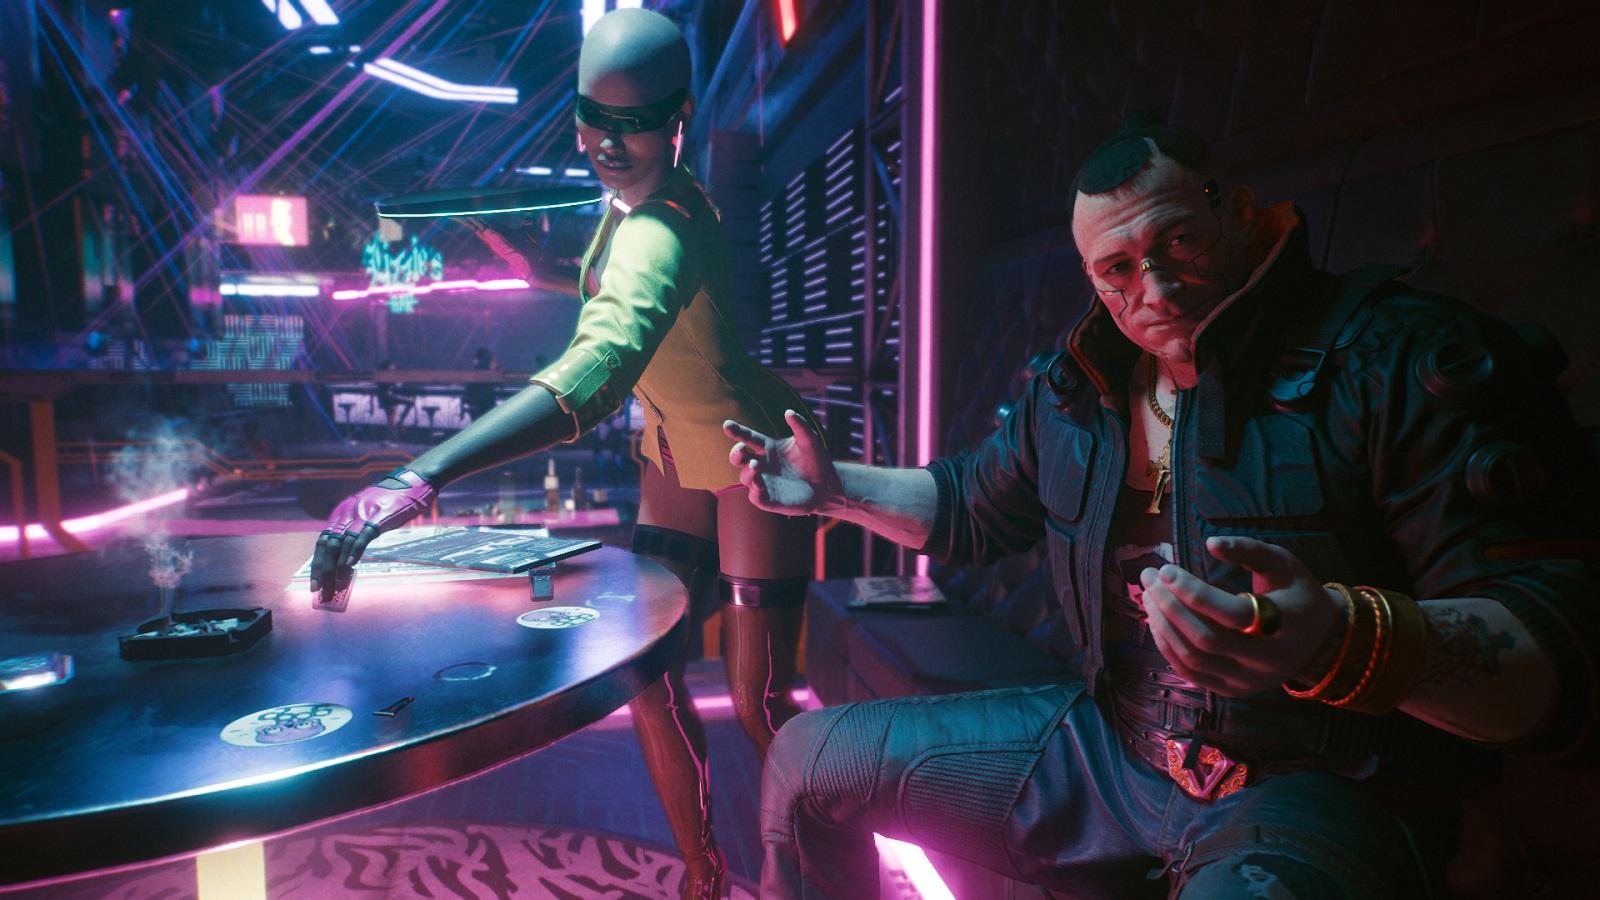 Видео: блогер показал, как выглядит и работает Cyberpunk 2077 на разных консолях после патча 1.05